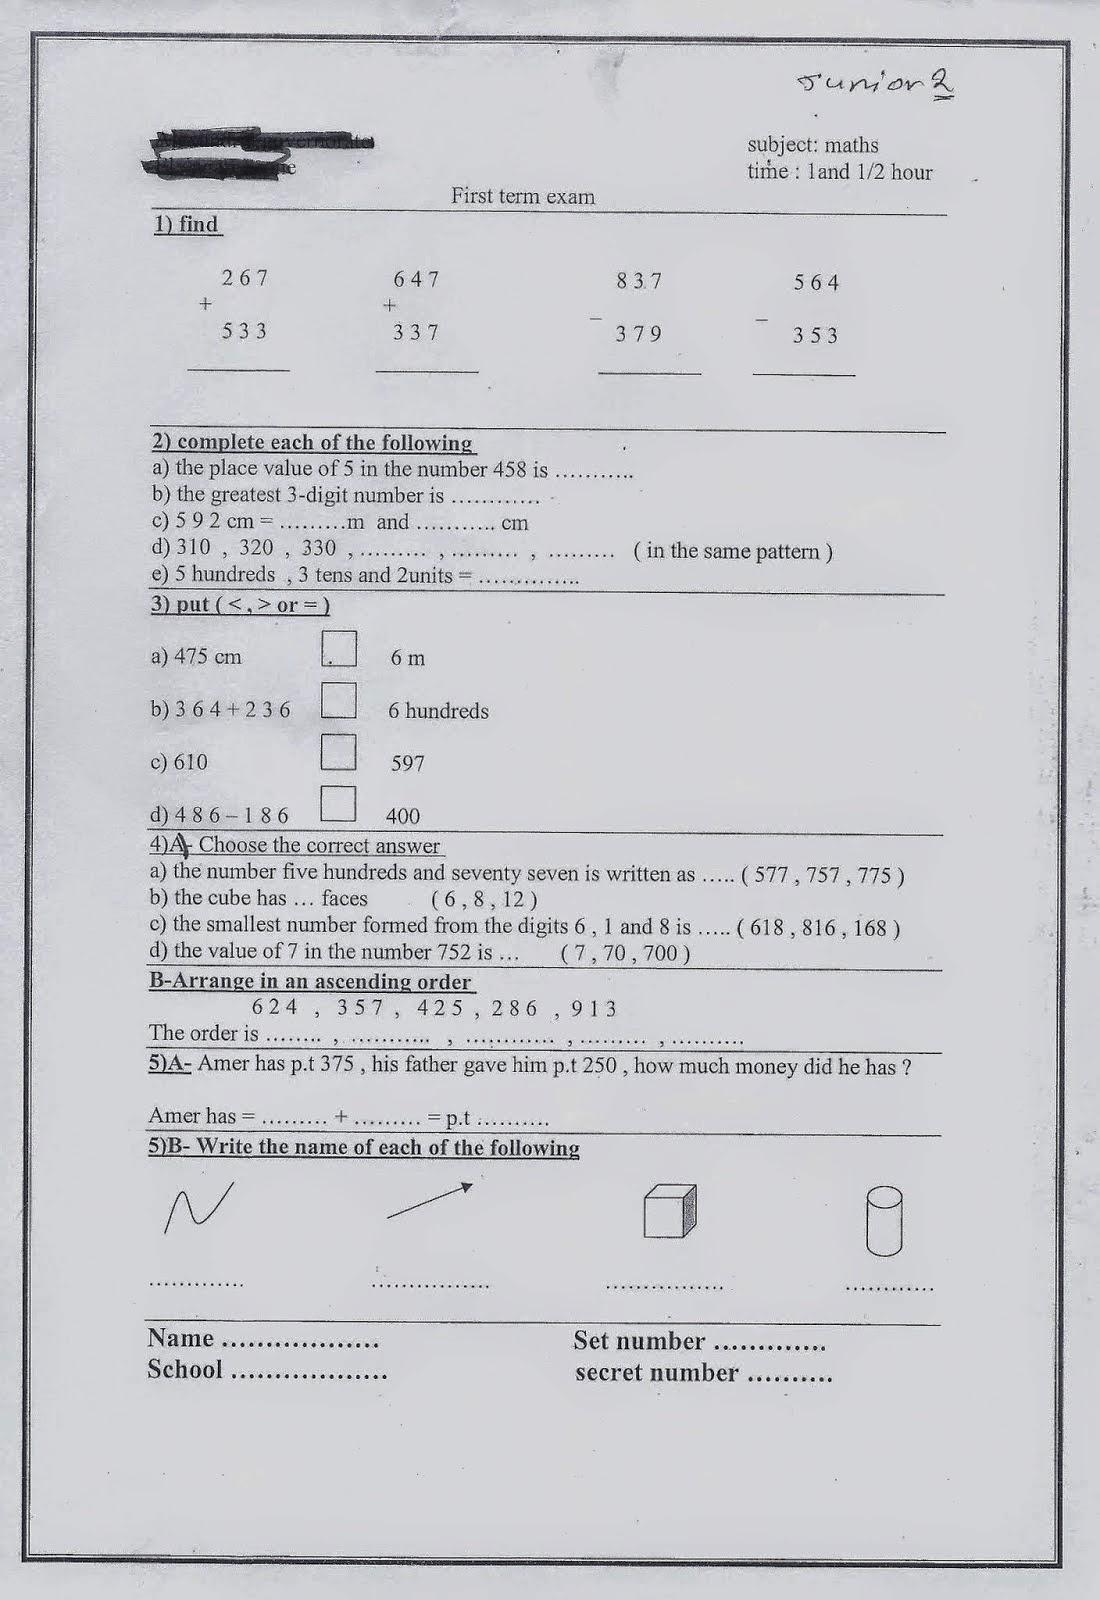 امتحانات كل مواد الثاني الابتدائي الترم الأول 2015 مدارس مصر عربى ولغات scan0072.jpg